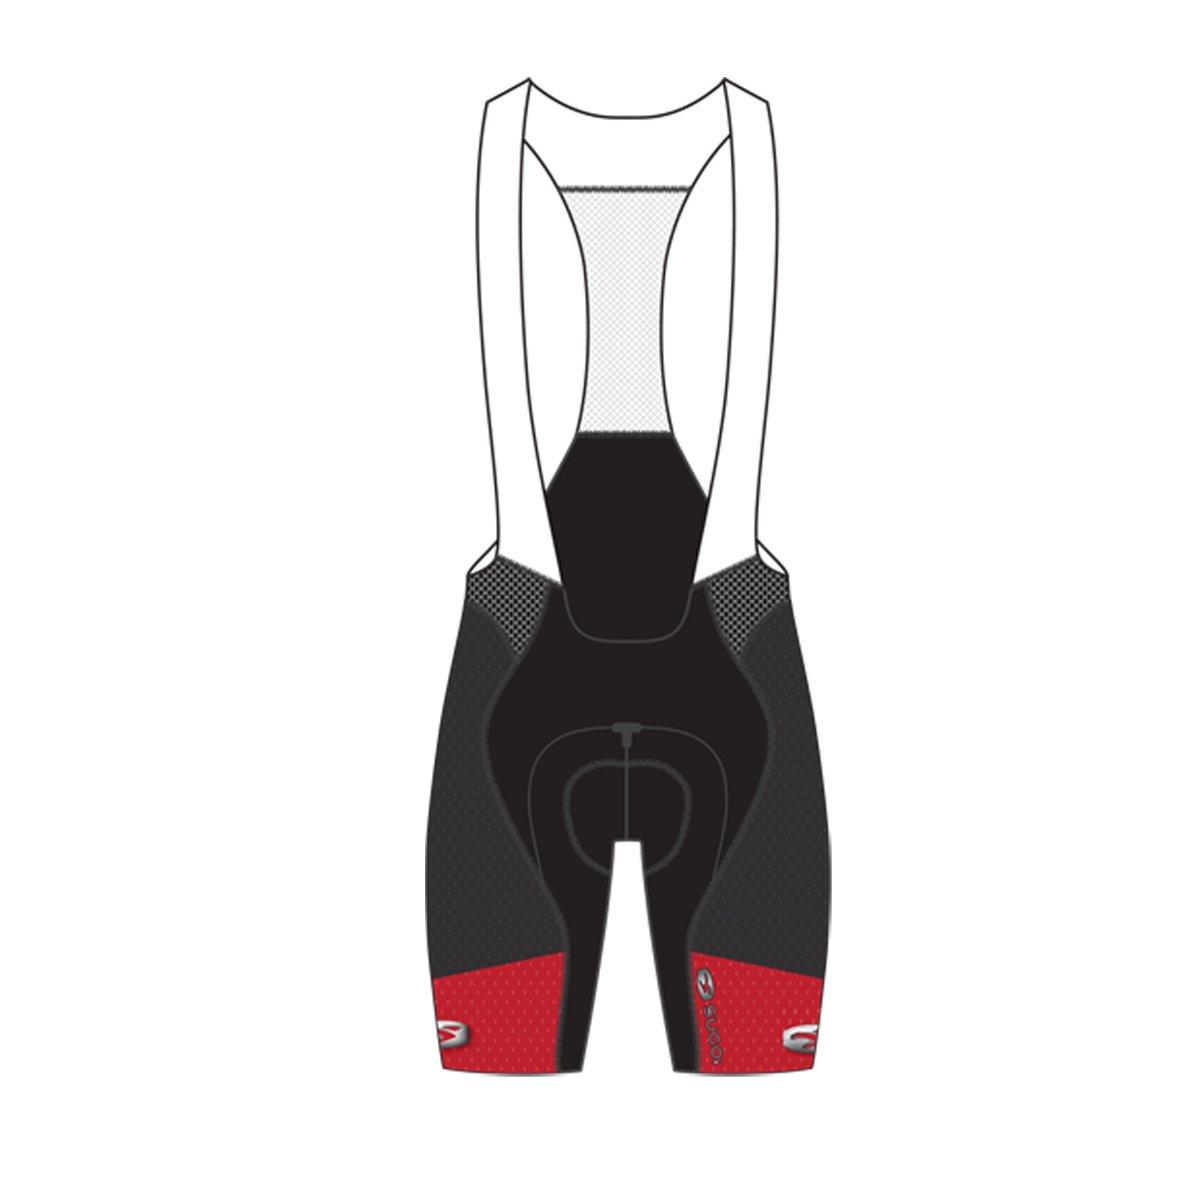 (キャノンデール / スゴイ)SUGOi サイクルパンツ RSE ビブショーツ B01COBIKWW X-Large|レッド(Chili Red) レッド(Chili Red) X-Large